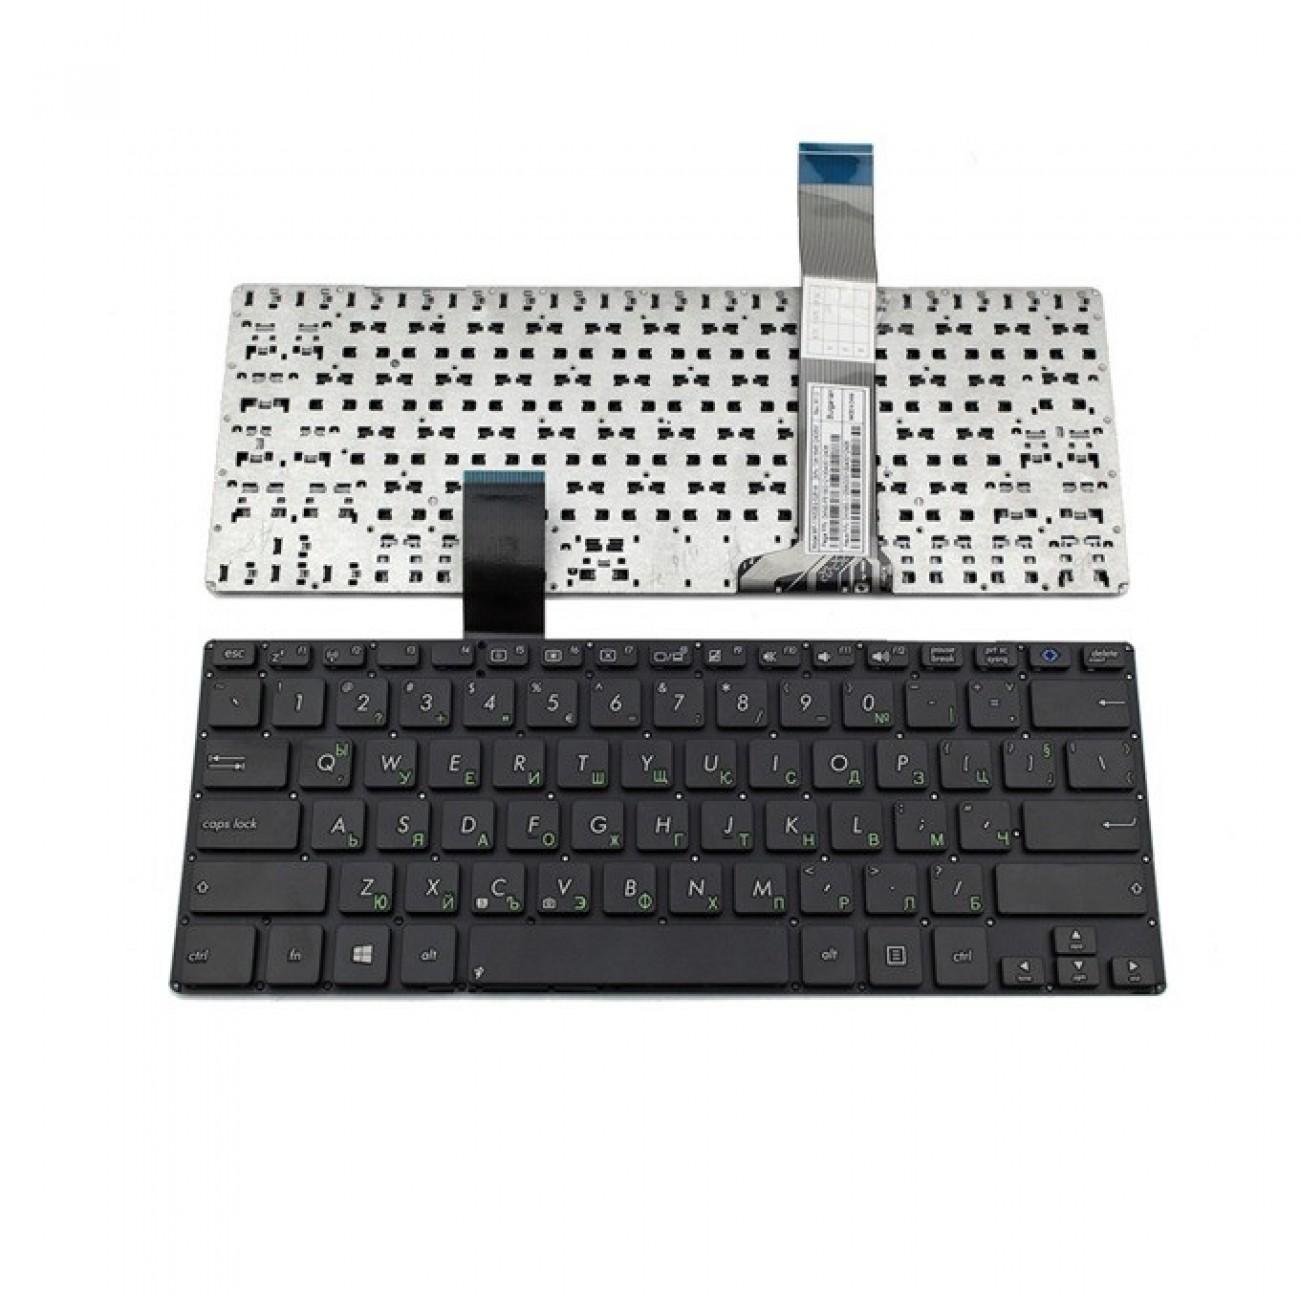 Клавиатура за лаптоп Asus, съвместима със серия VivoBook S300, US, без рамка, с черни бутони в Резервни части - OEM | Alleop